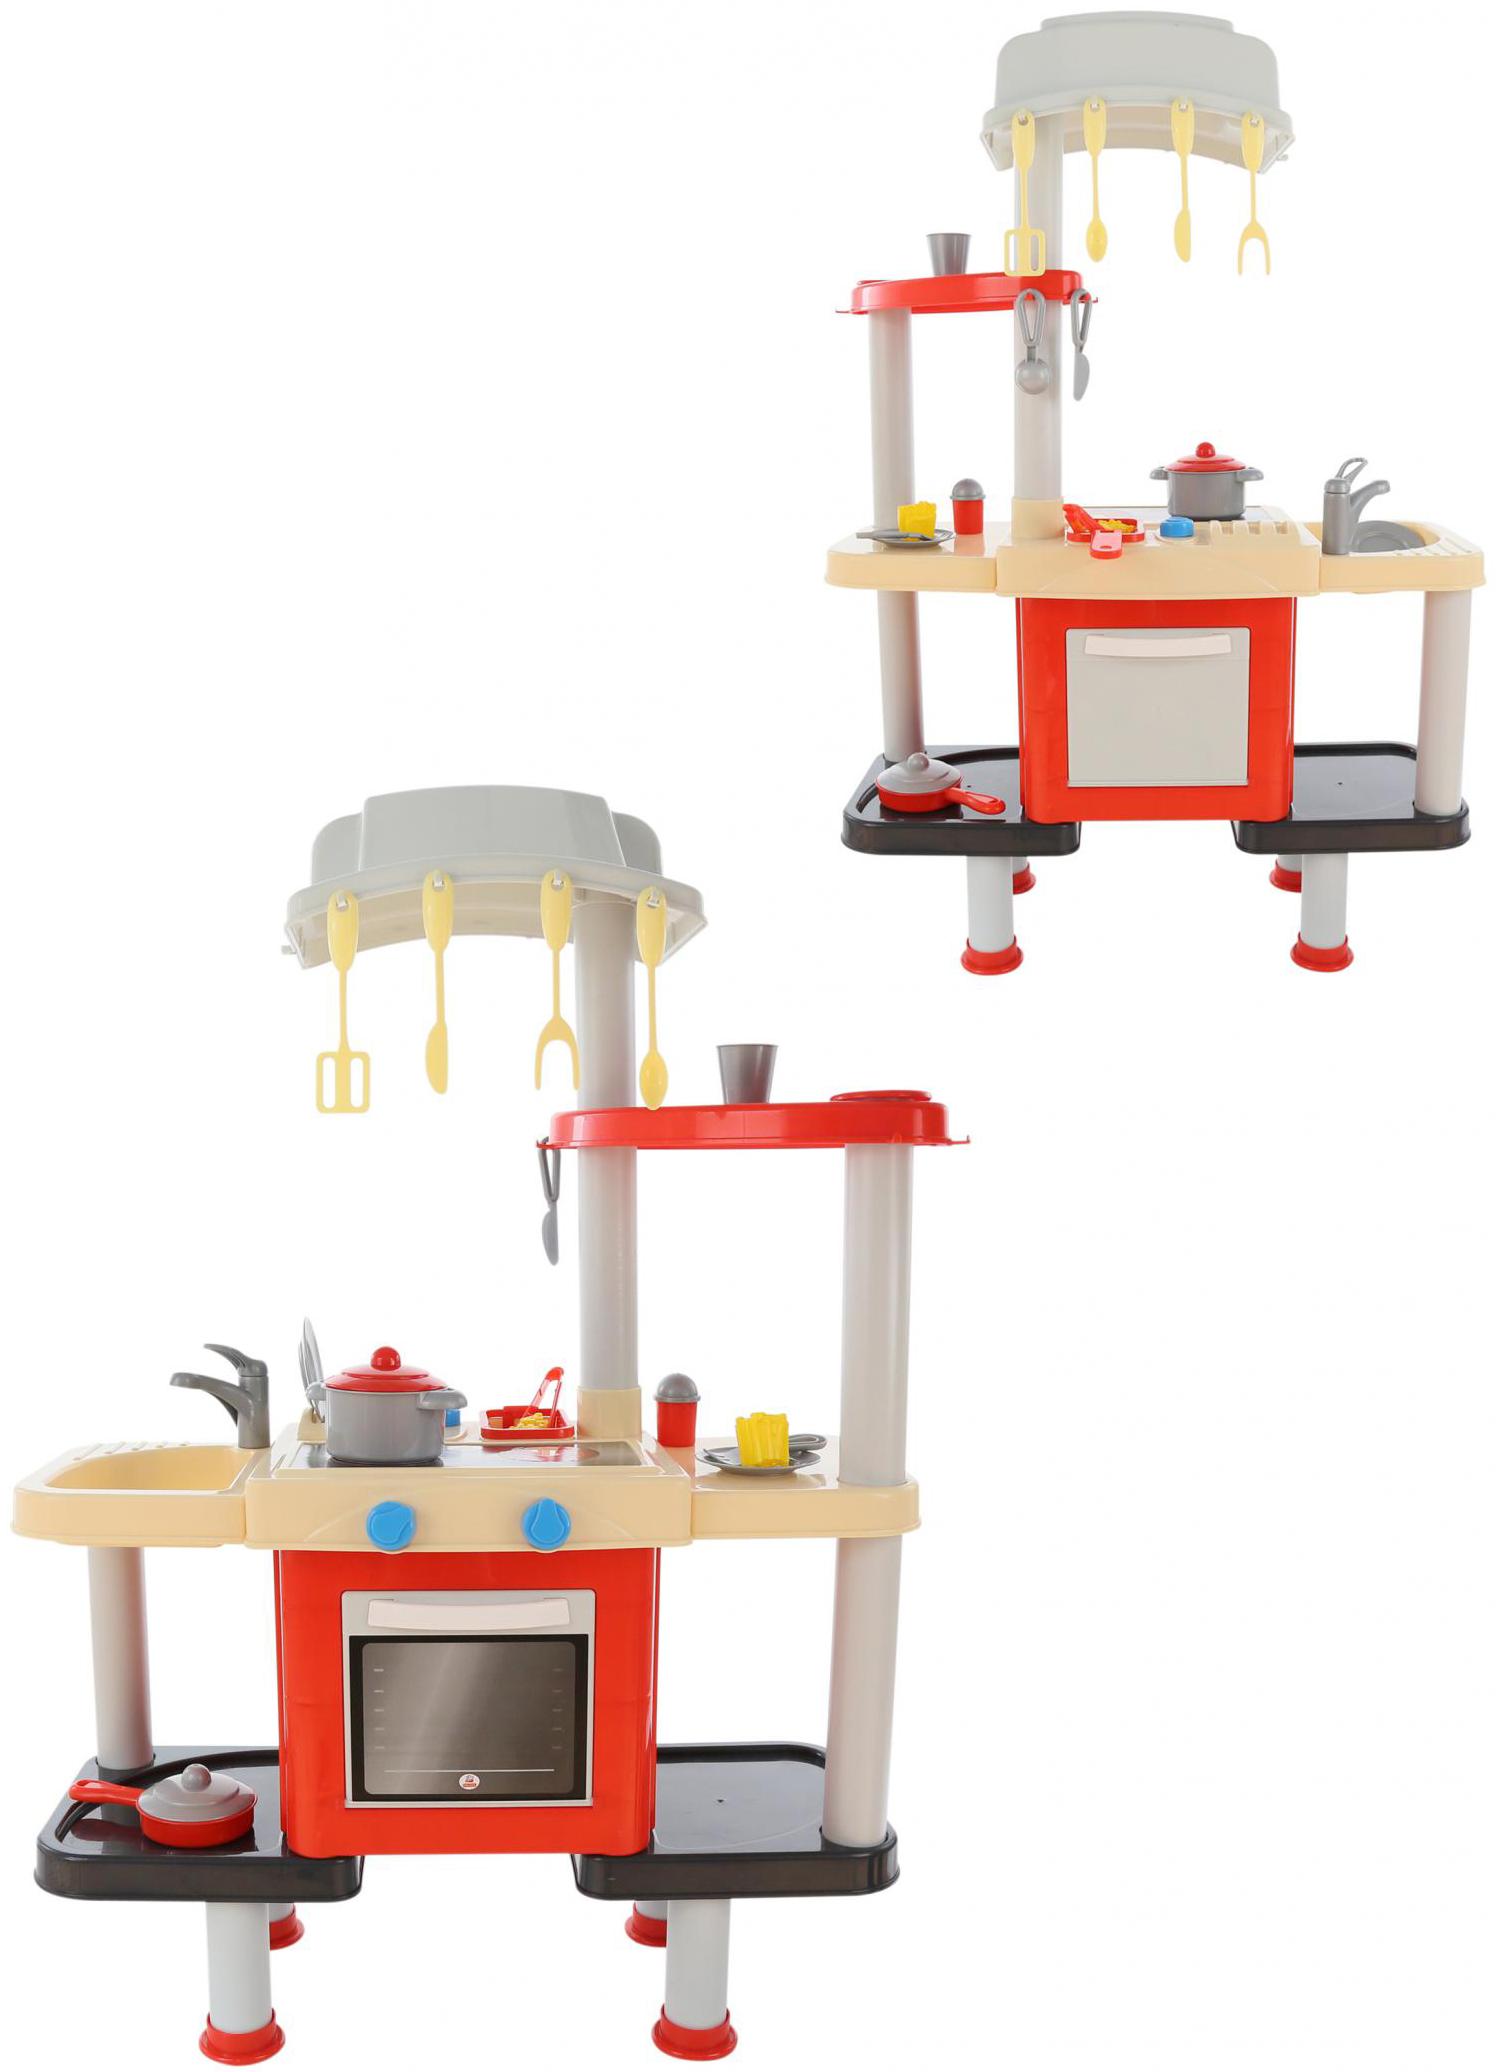 Игровая кухня № 1 с посудой и аксессуарами, в пакетеДетские игровые кухни<br>Игровая кухня № 1 с посудой и аксессуарами, в пакете<br>